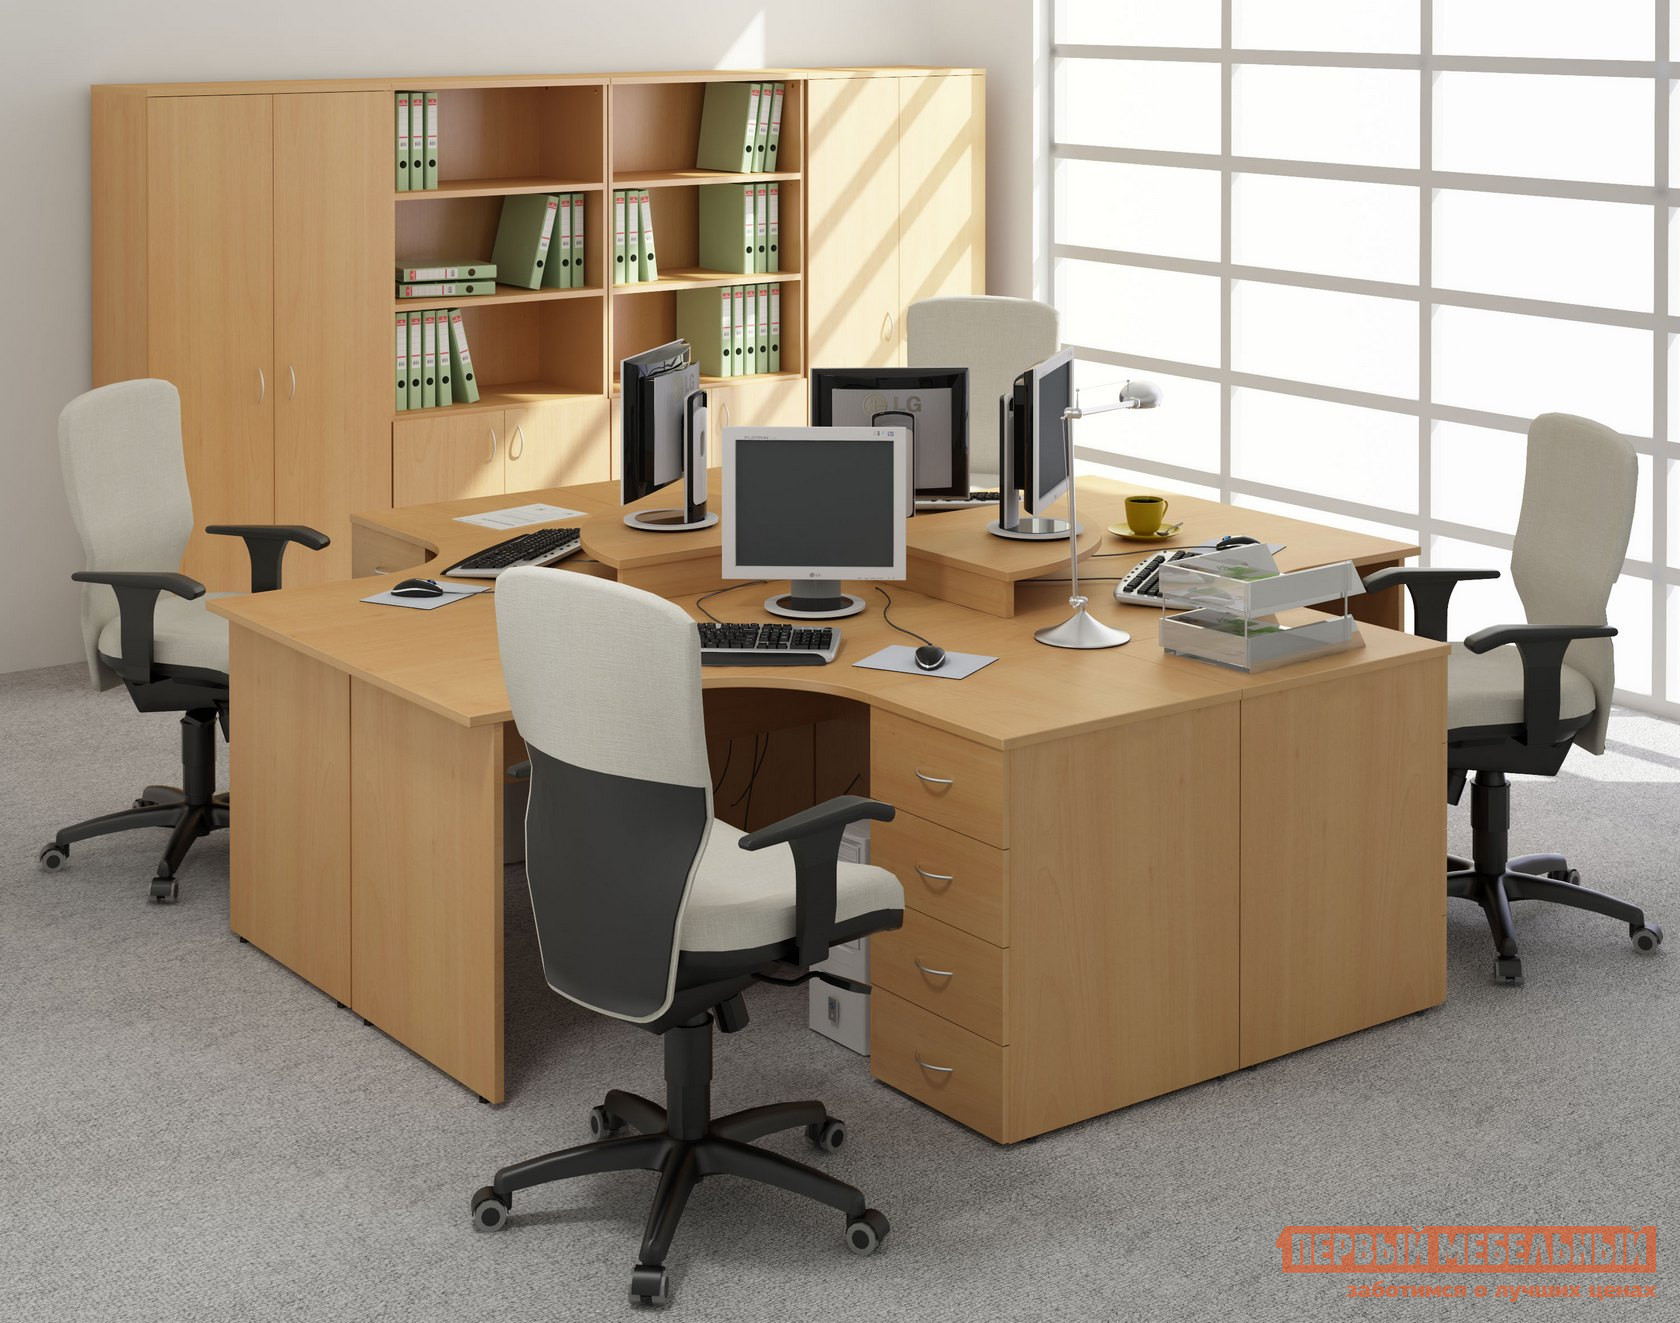 Комплект офисной мебели Дэфо Эрго К1 спальный гарнитур трия саванна к1